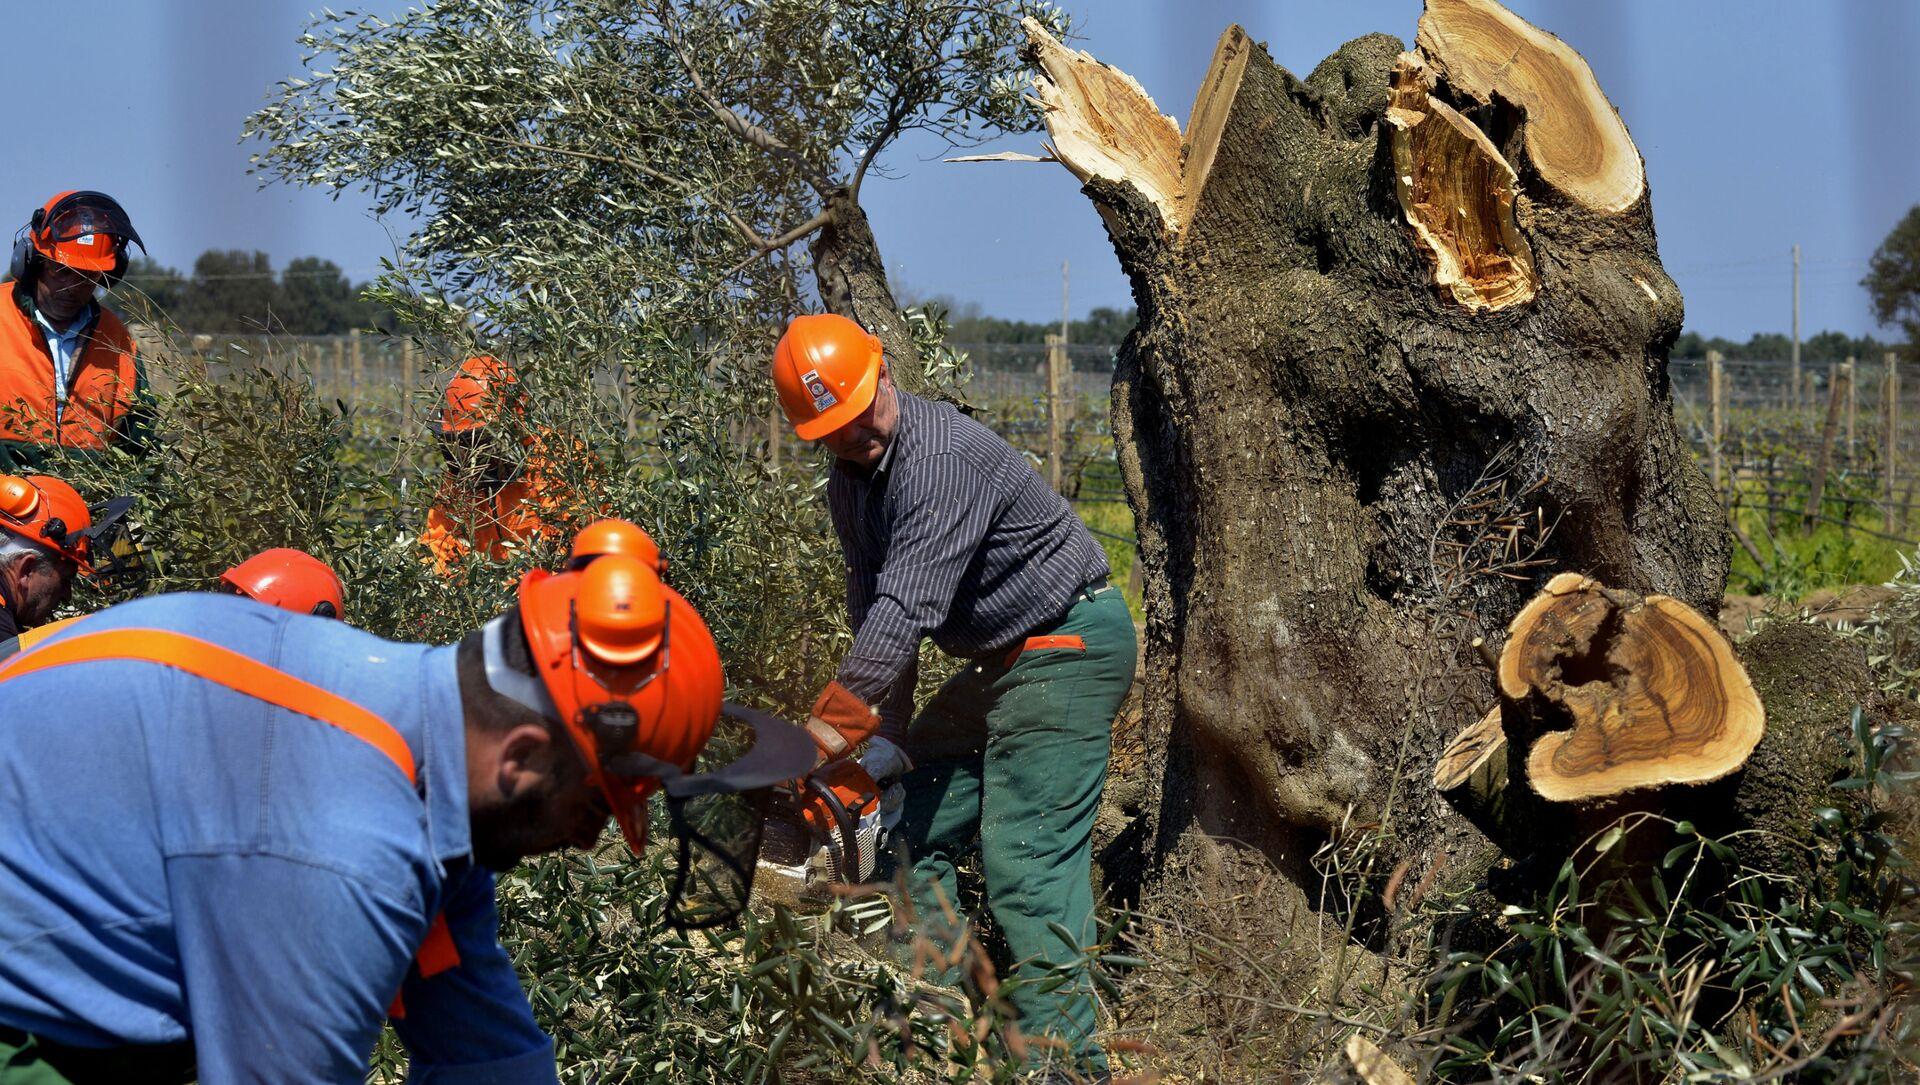 Alberi di ulivo colpiti dalla Xylella in Puglia - Sputnik Italia, 1920, 17.02.2021